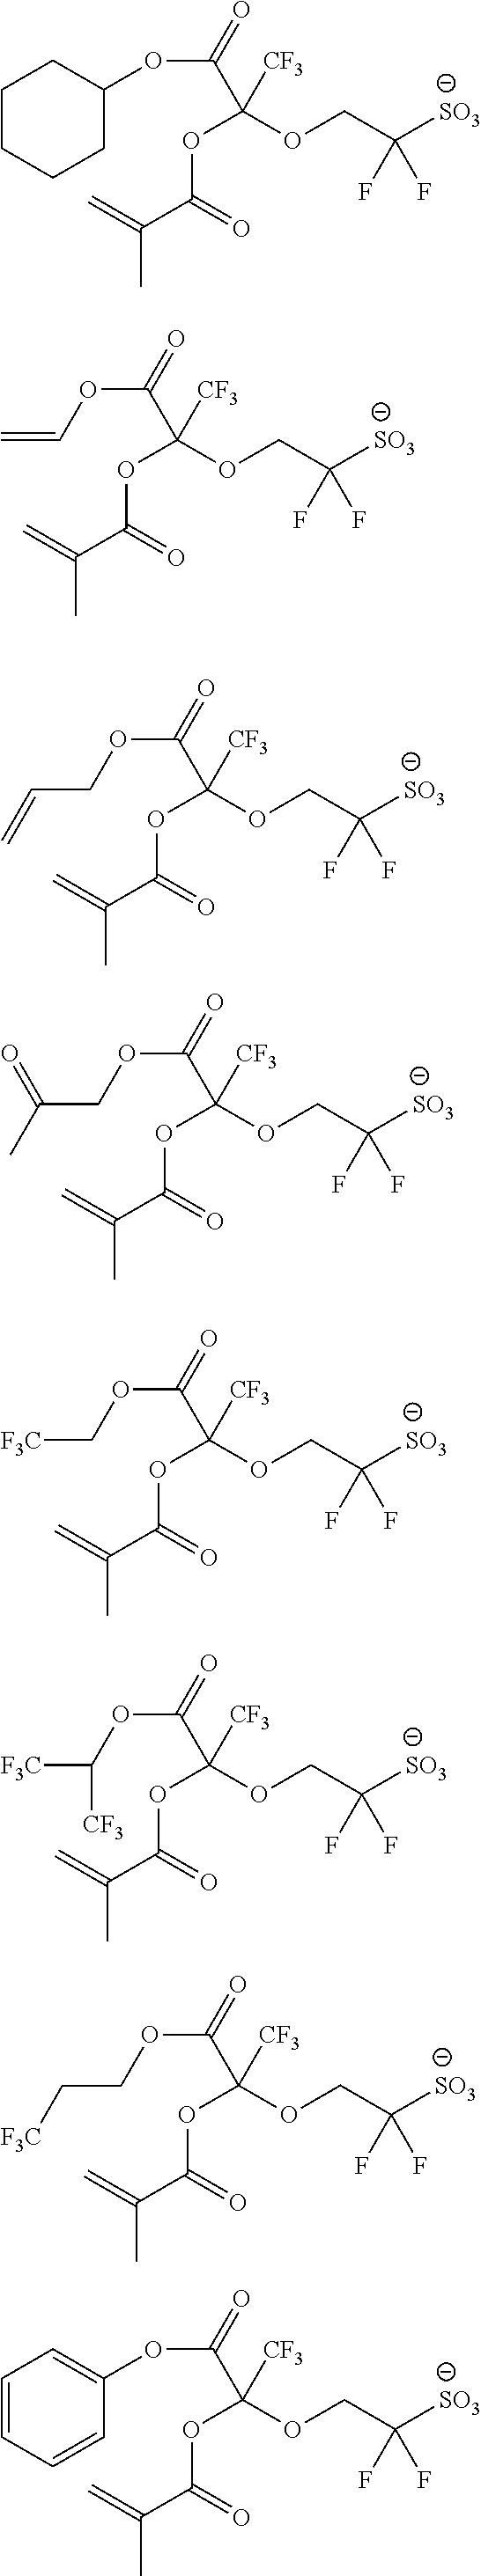 Figure US09182664-20151110-C00028